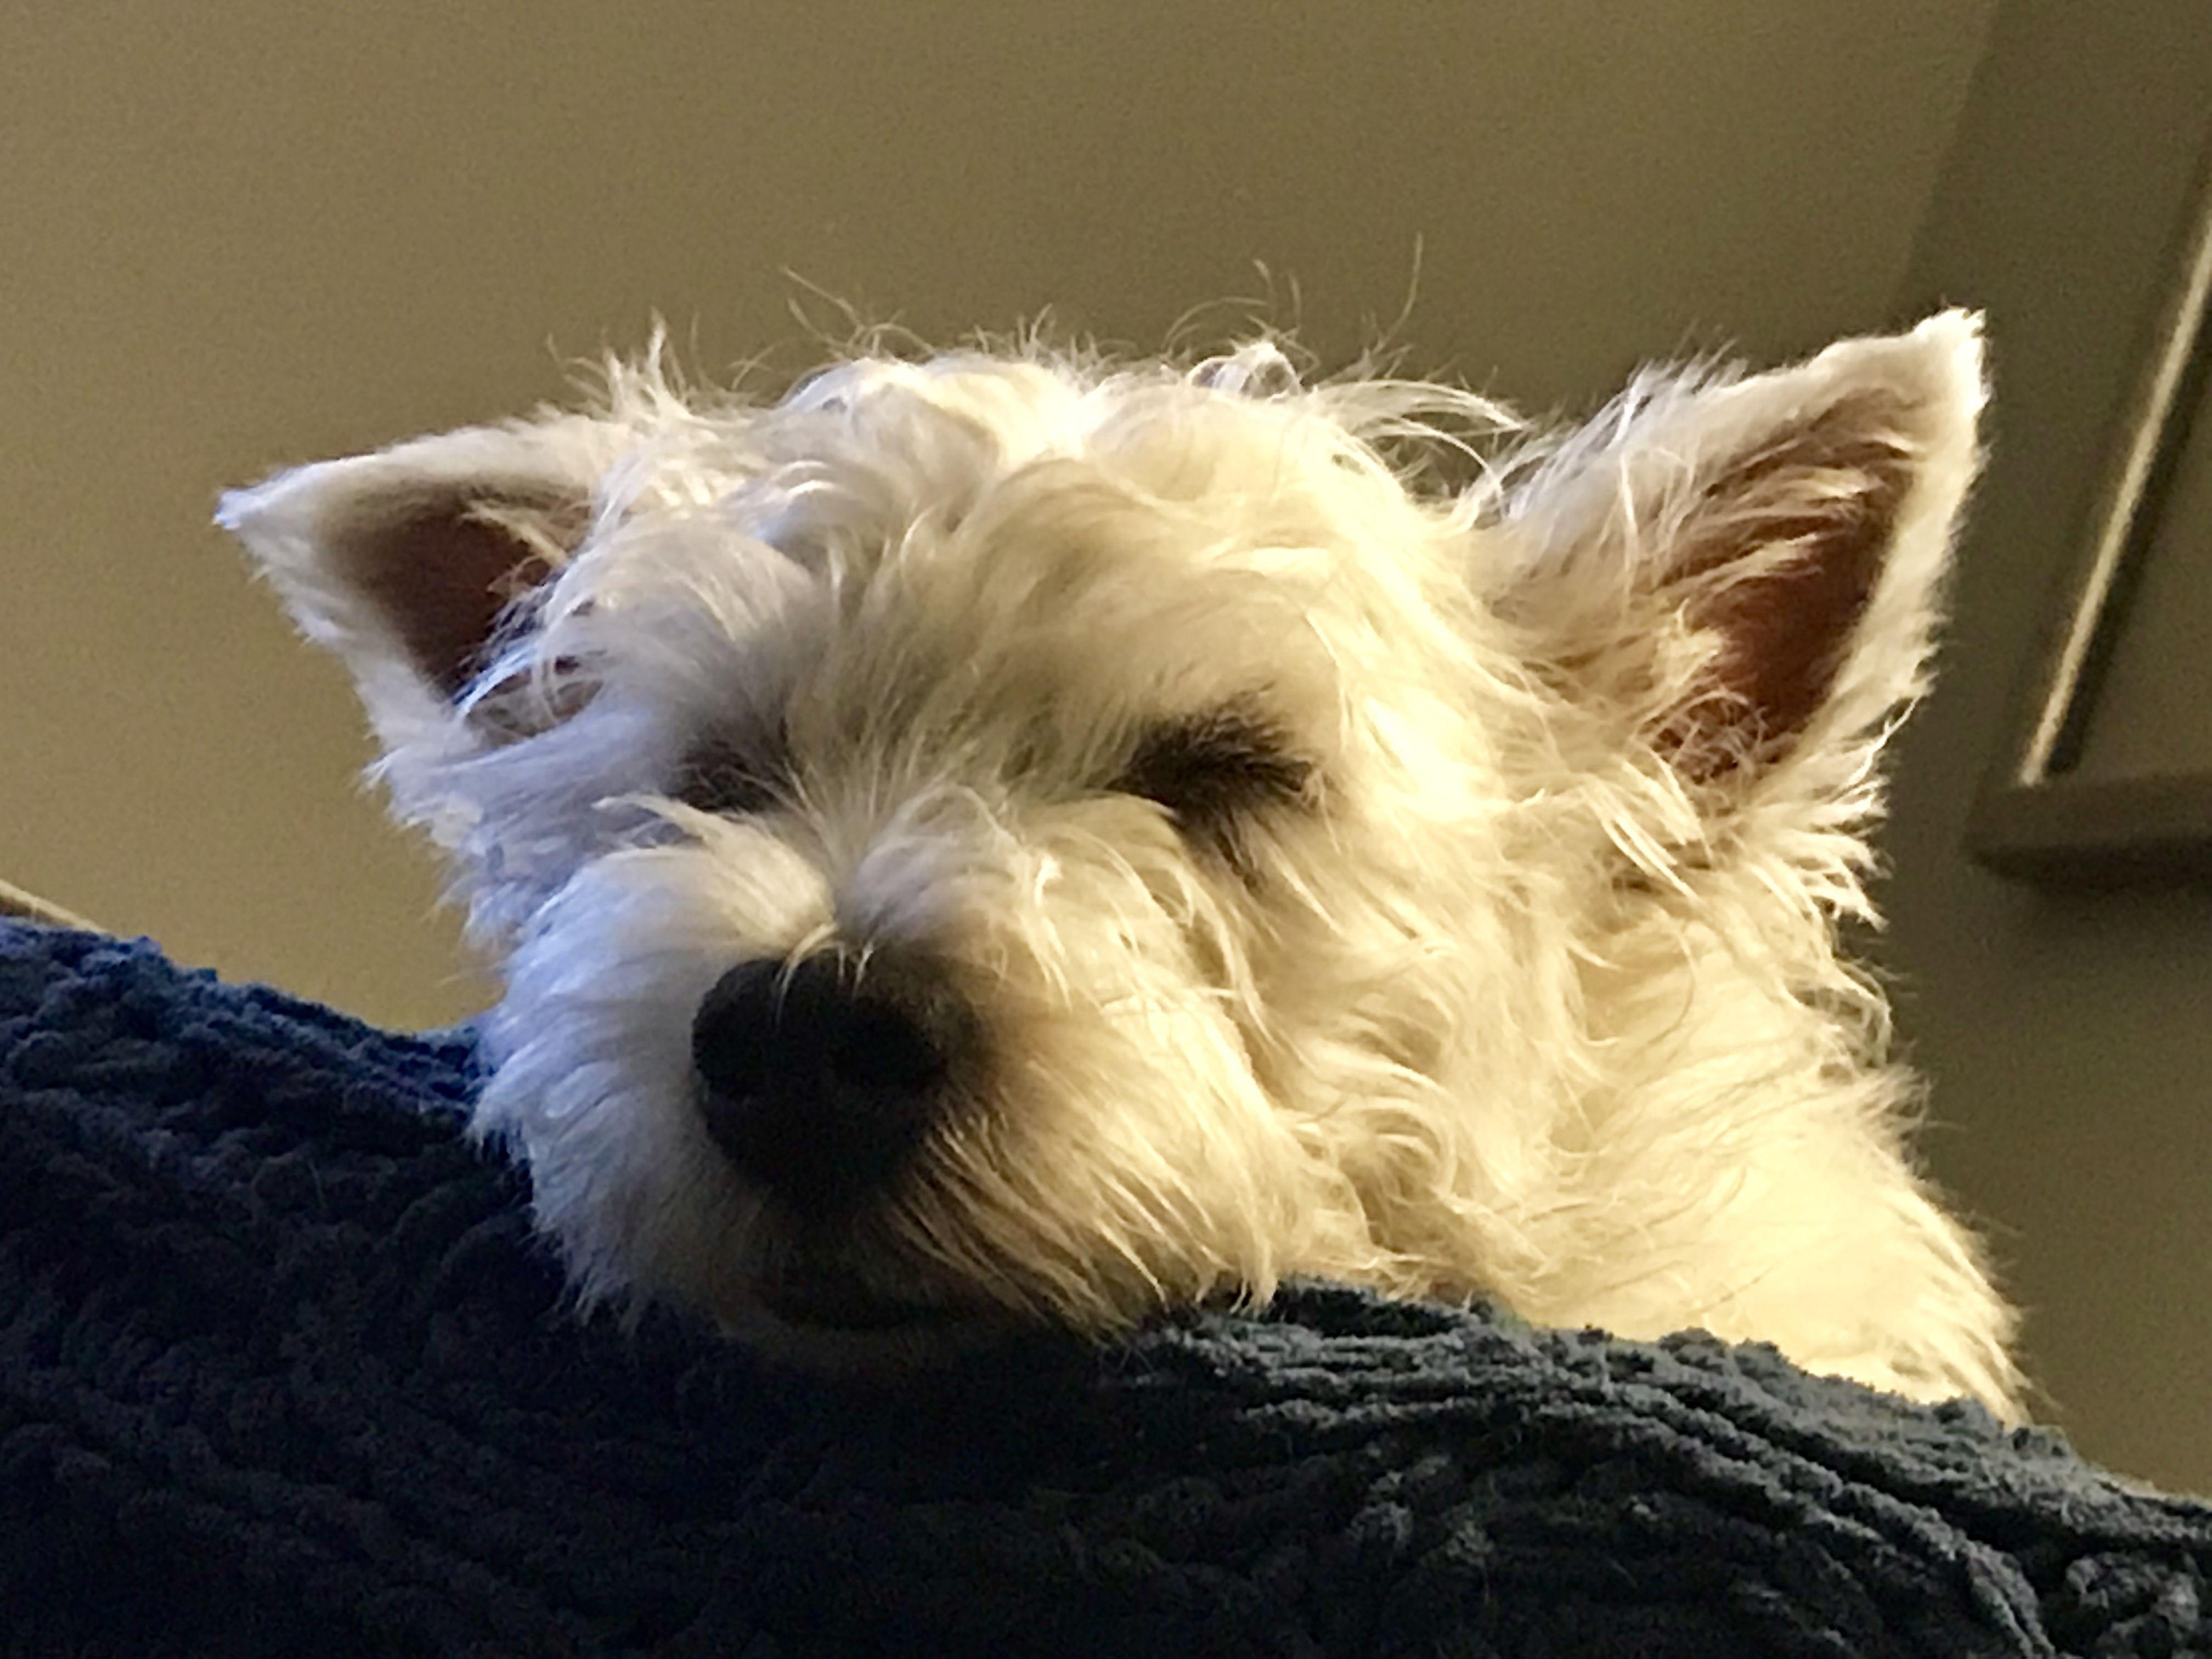 Pin By Bb On My Westie Cute Dogs Scottie Terrier Dogs